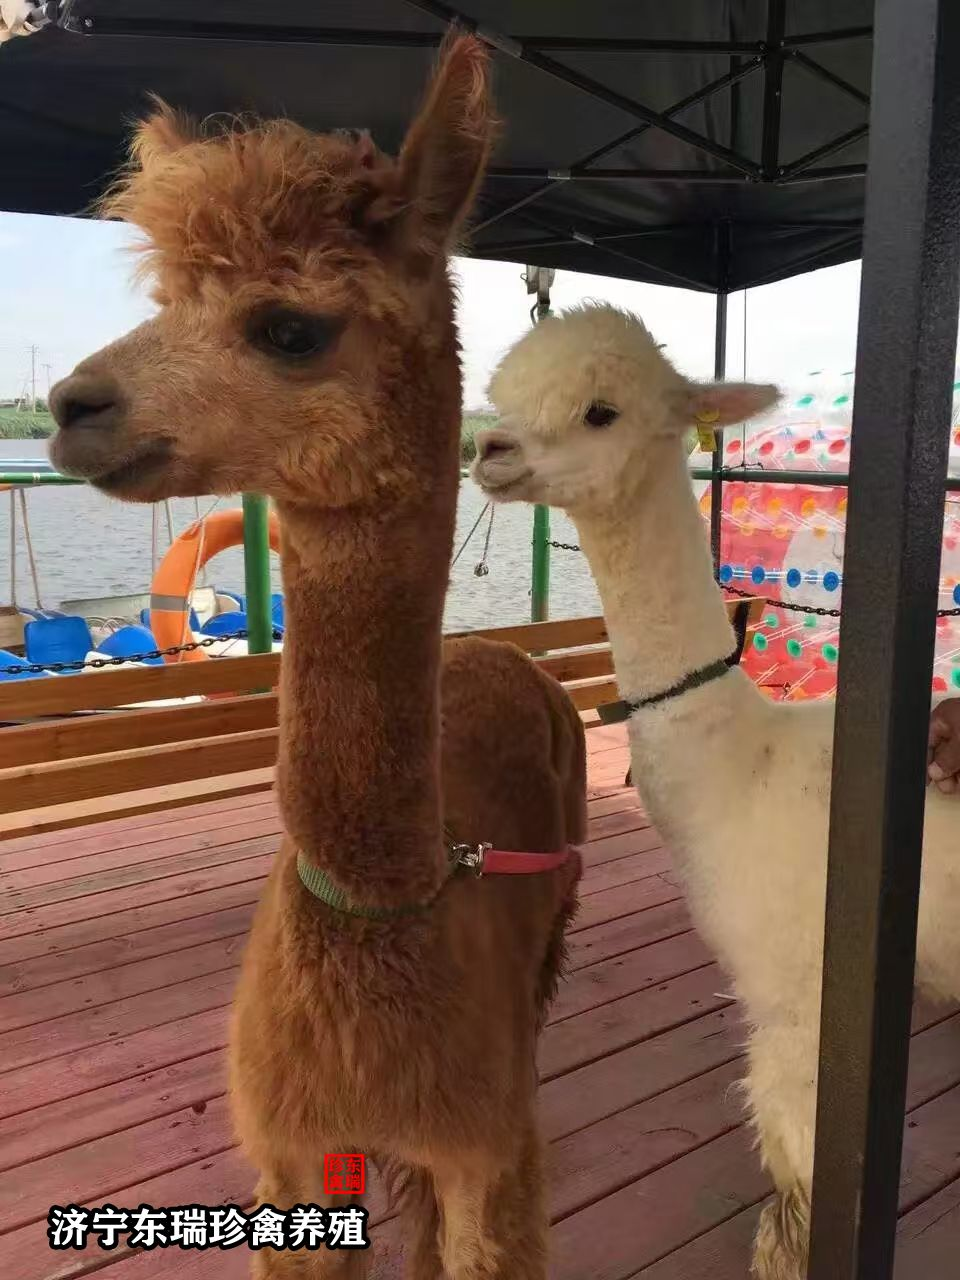 临夏回族自治州羊驼租赁如何策划?